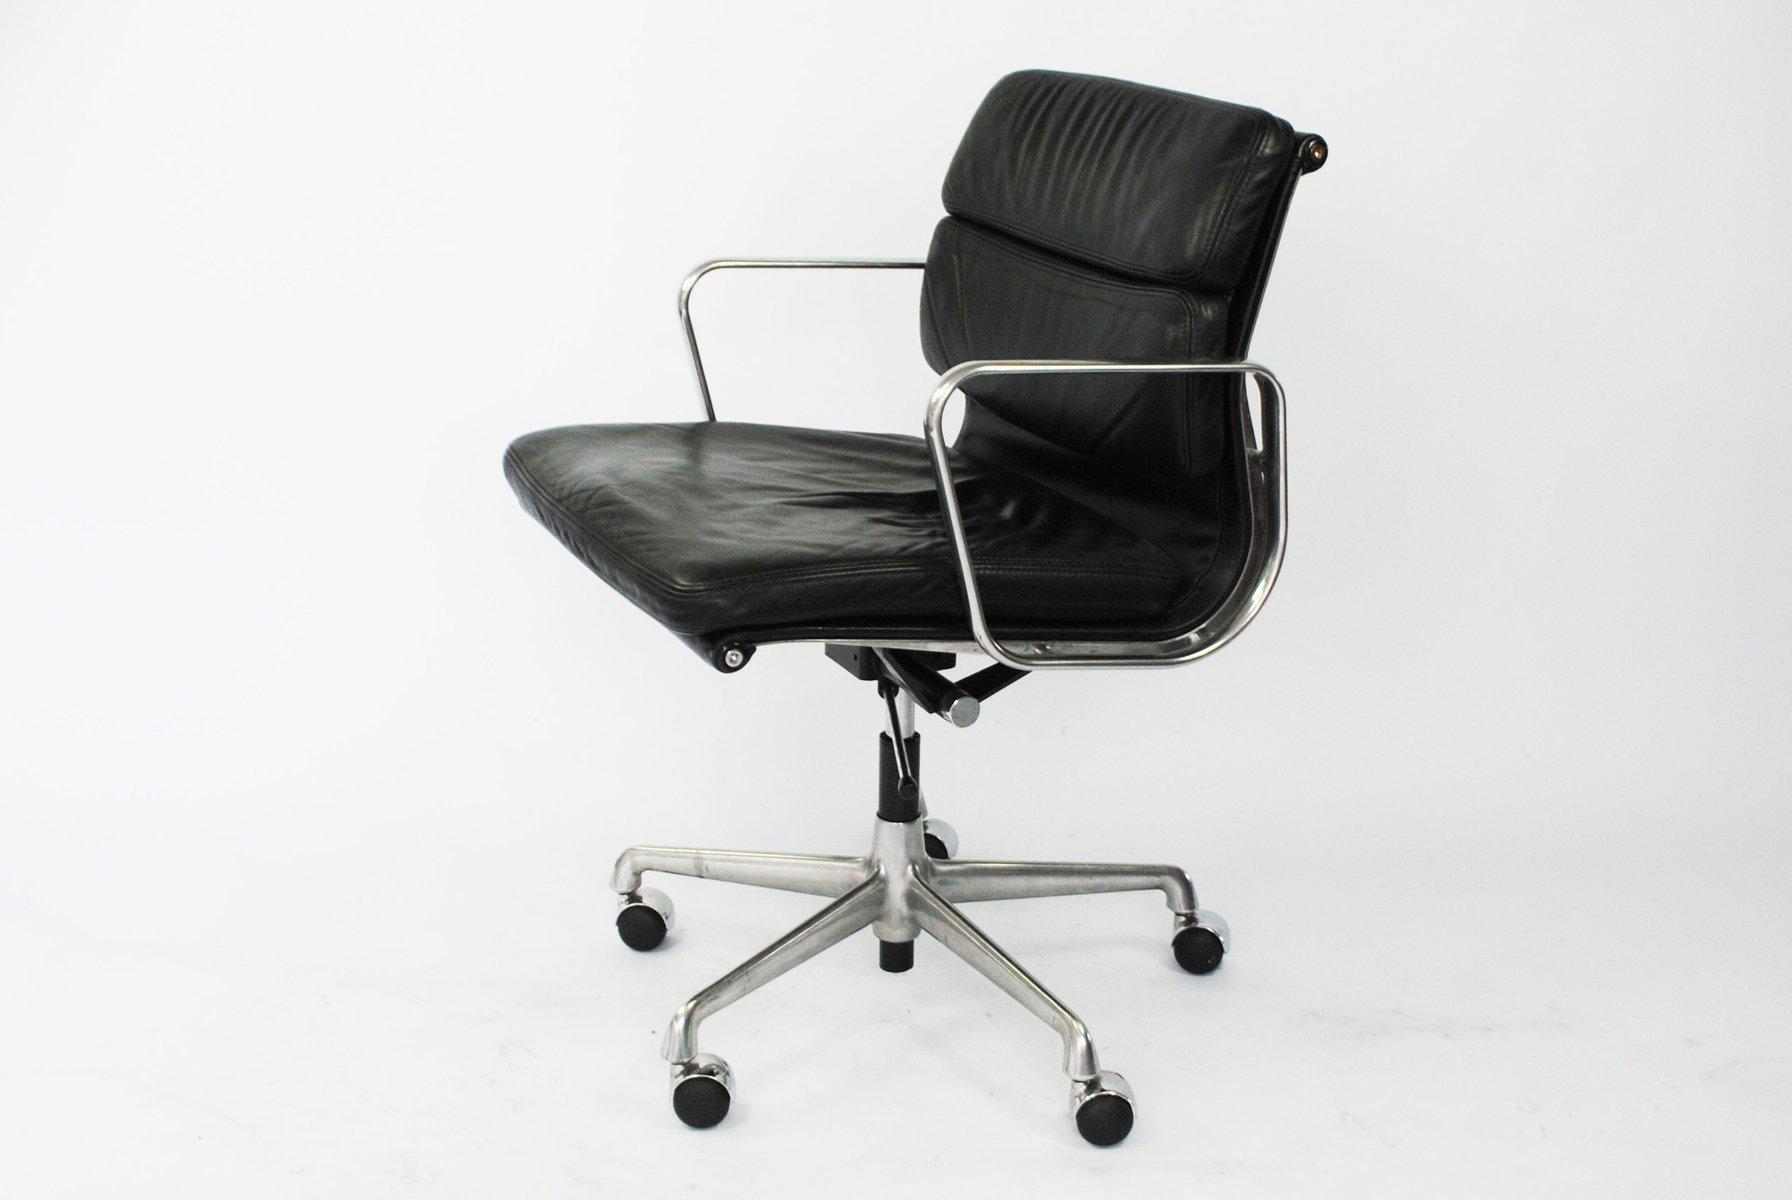 modell ea217 schreibtischstuhl mit polsterung von charles. Black Bedroom Furniture Sets. Home Design Ideas